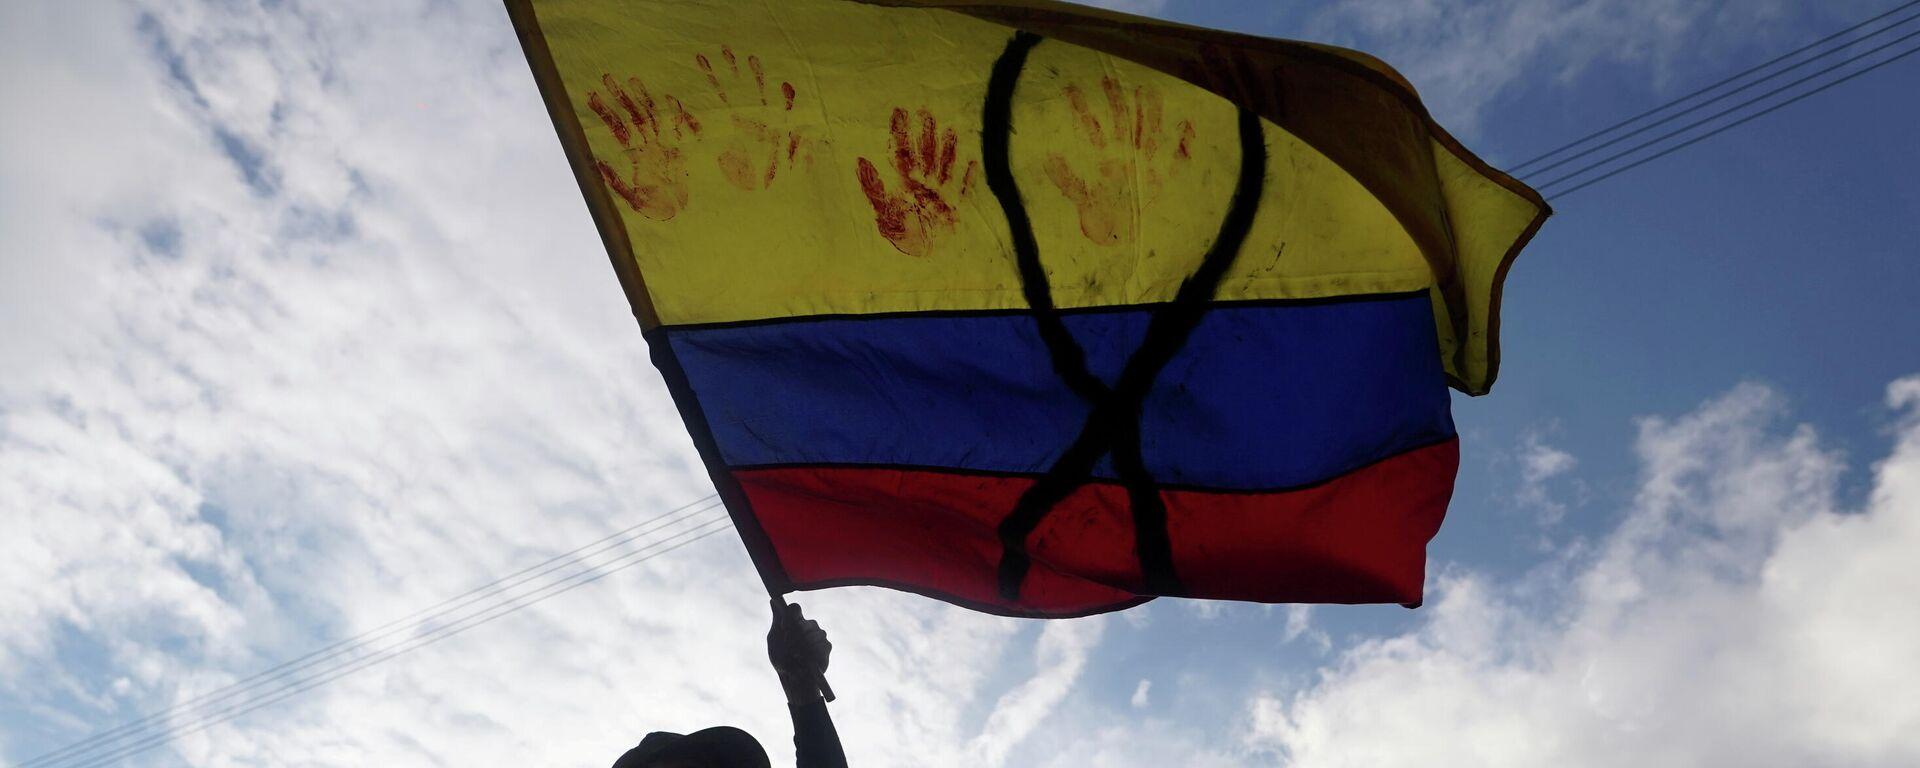 Un manifestante con una bandera de Colombia con un lazo negro y manchas rojas - Sputnik Mundo, 1920, 31.05.2021